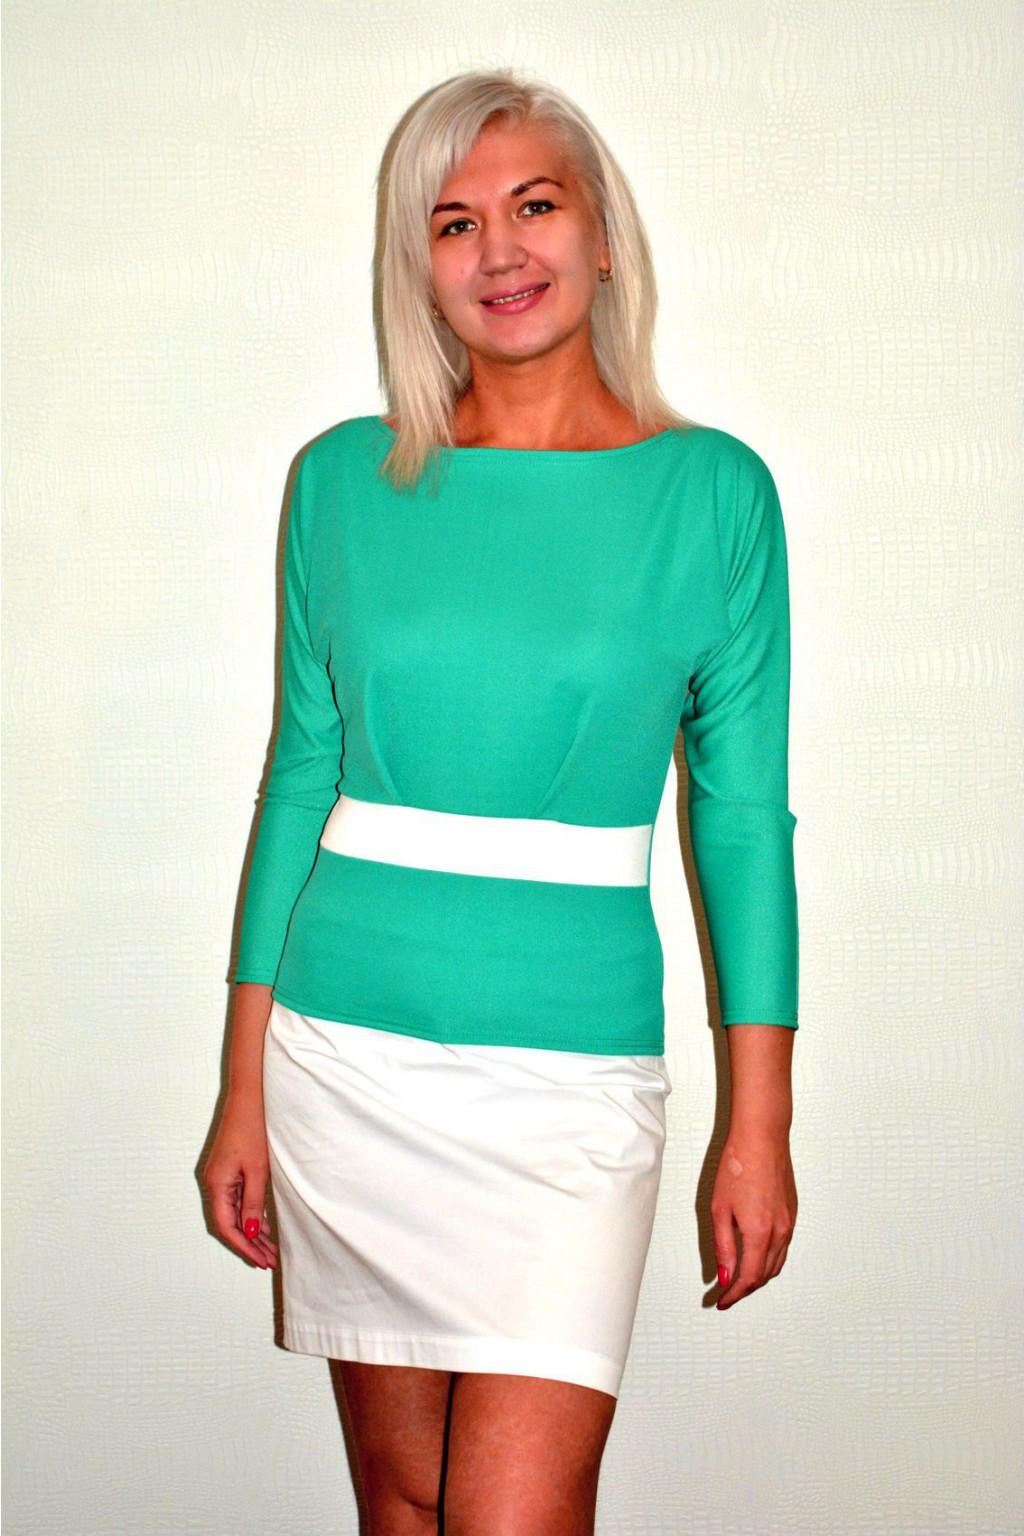 Сбор заказов. SUNNY. Красивых блузок много не бывает! А еще появились платья и юбки. Подойдет всем, кто любит стиль и